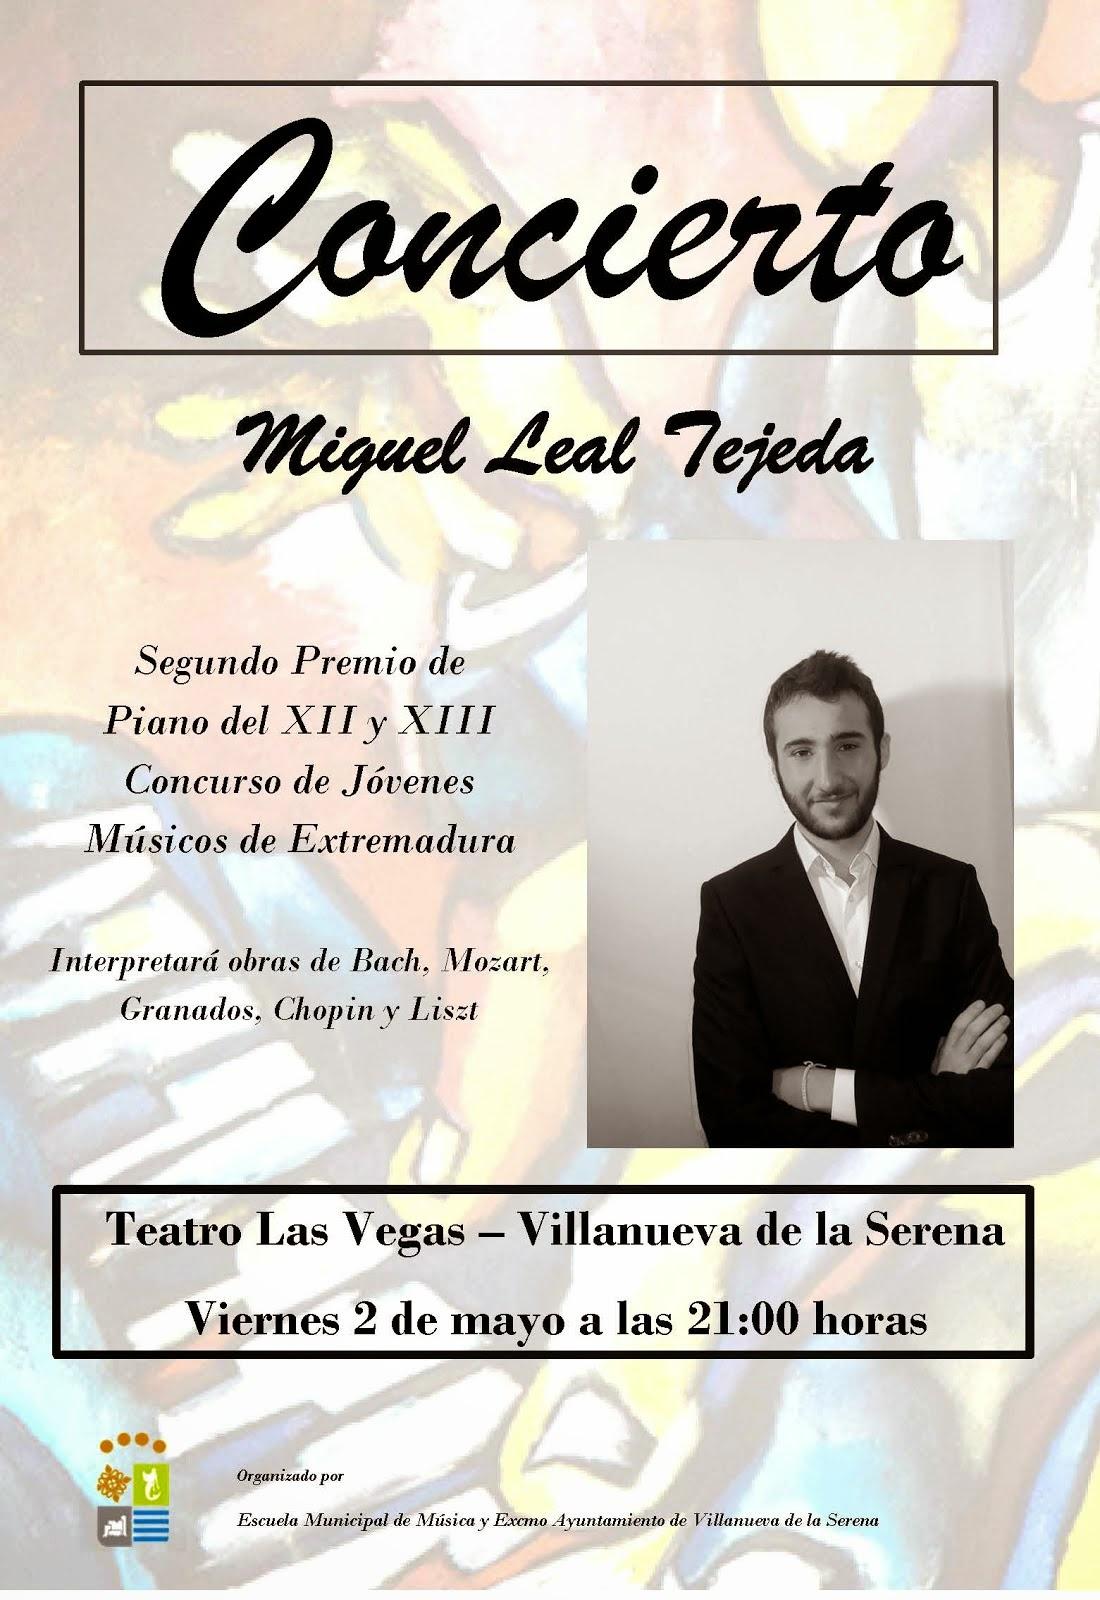 Concierto de Miguel Leal Tejeda